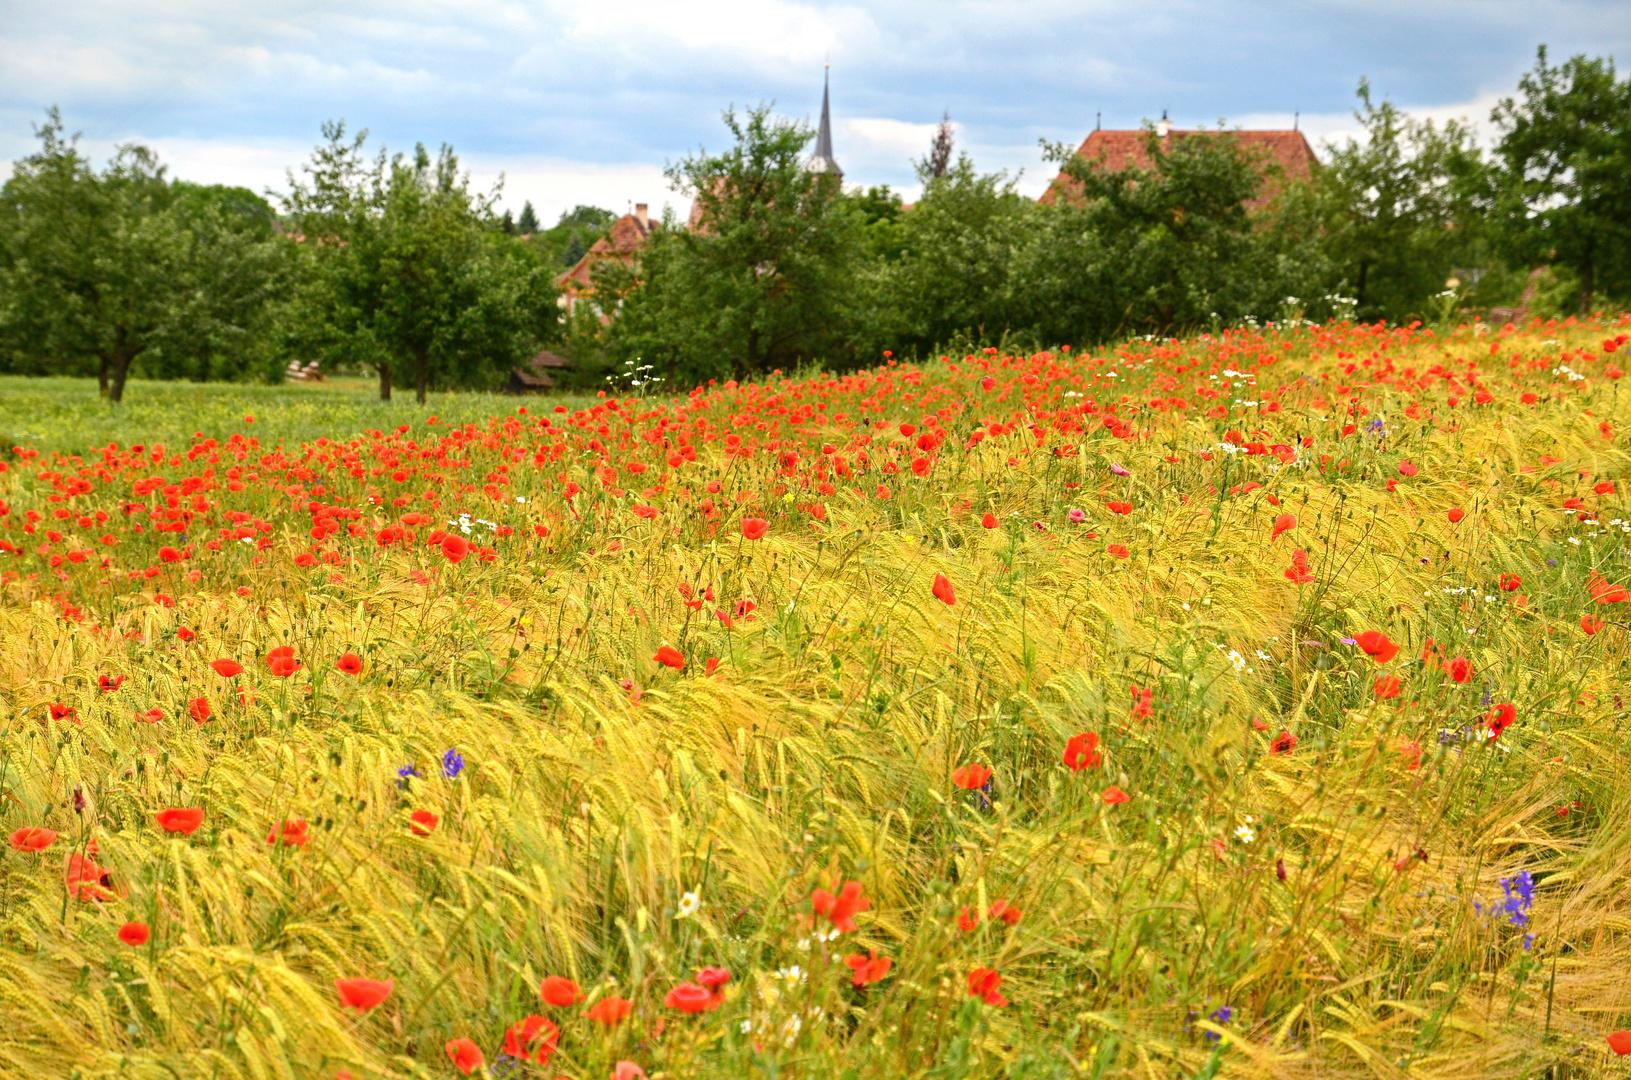 Mohnblumen im Getreide